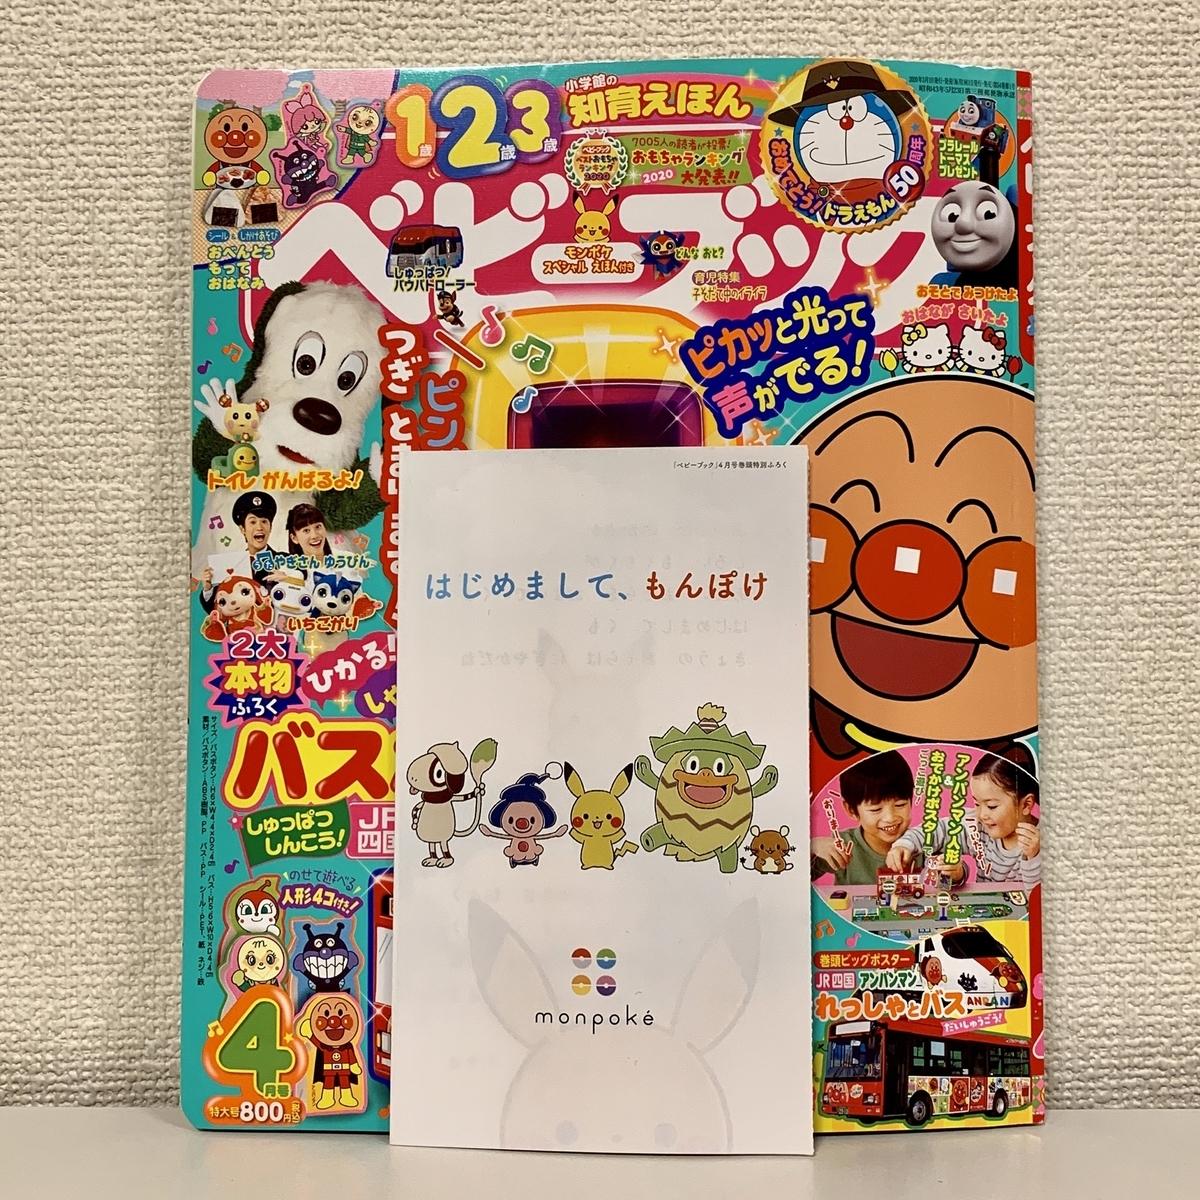 f:id:pikachu_pcn:20200302201511j:plain